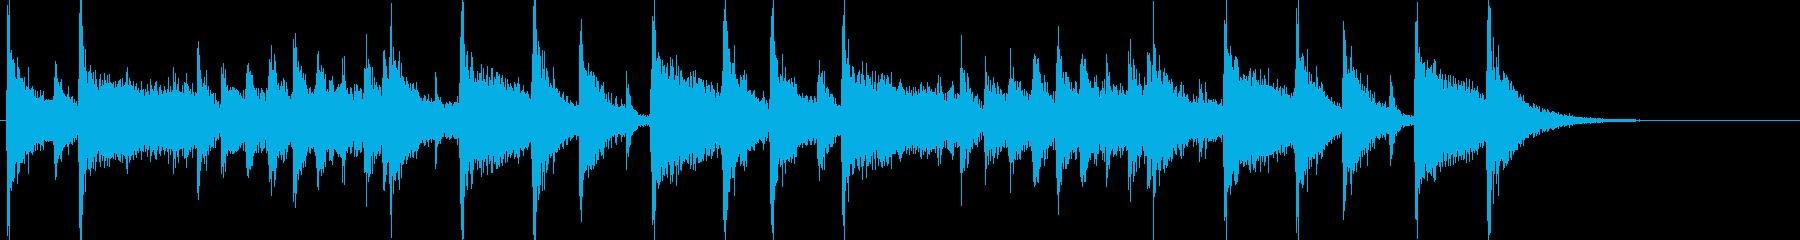 明るく陽気なフュージョンジングルの再生済みの波形